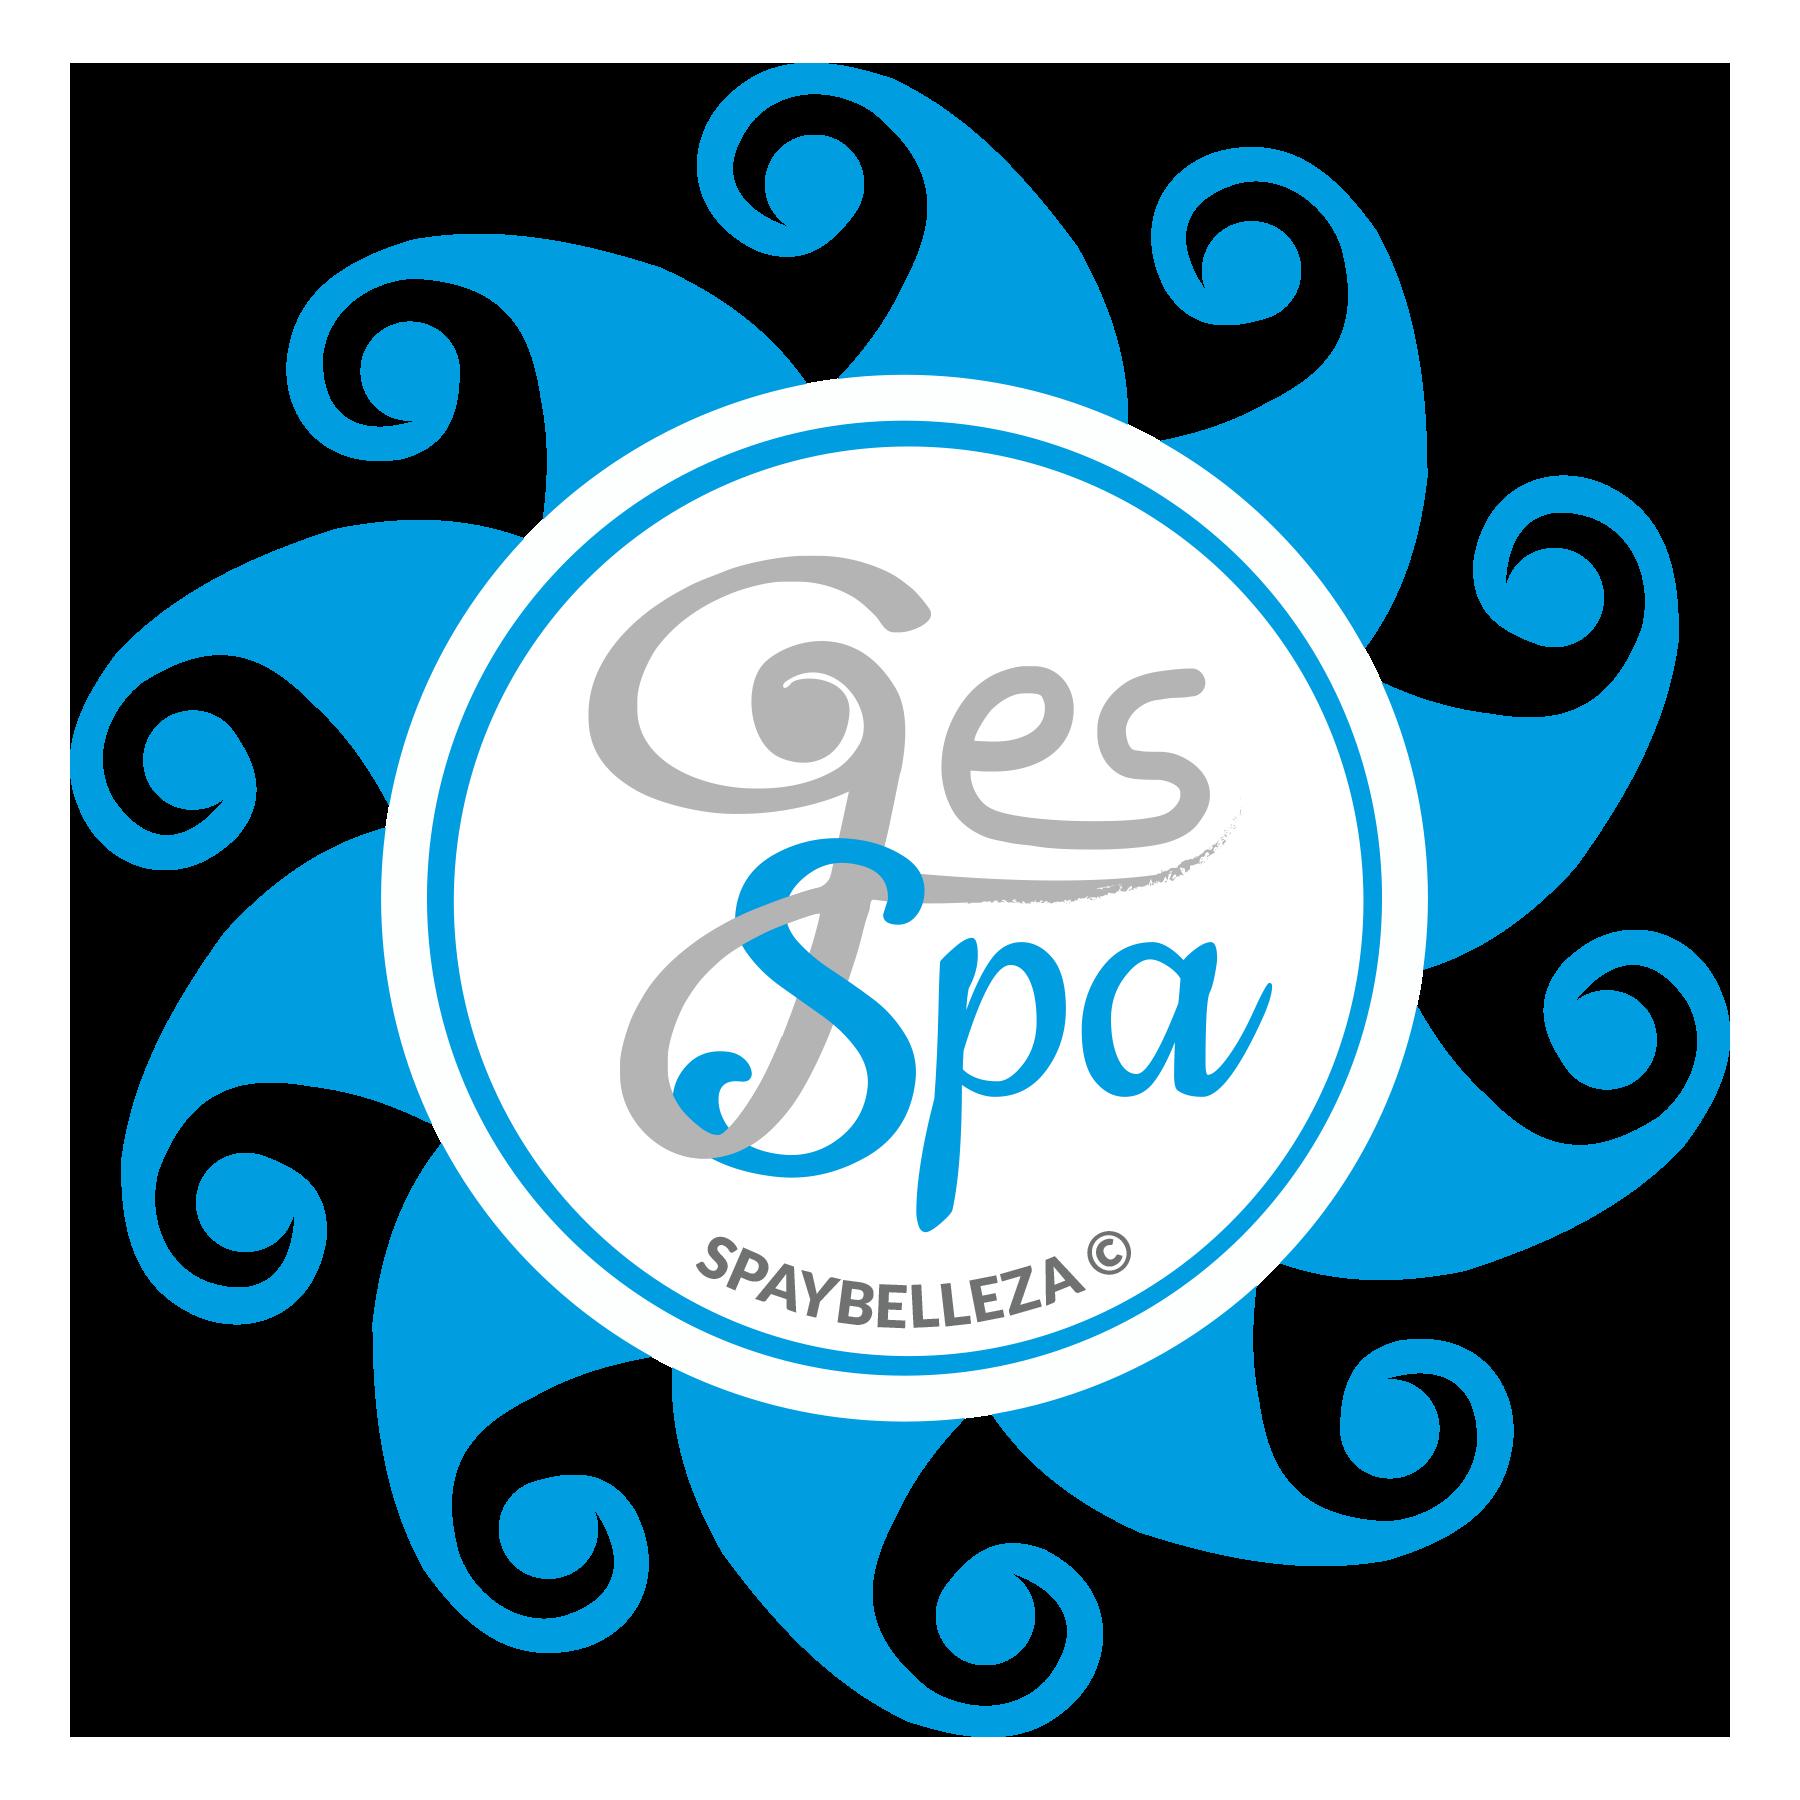 Ges Spa y Belleza